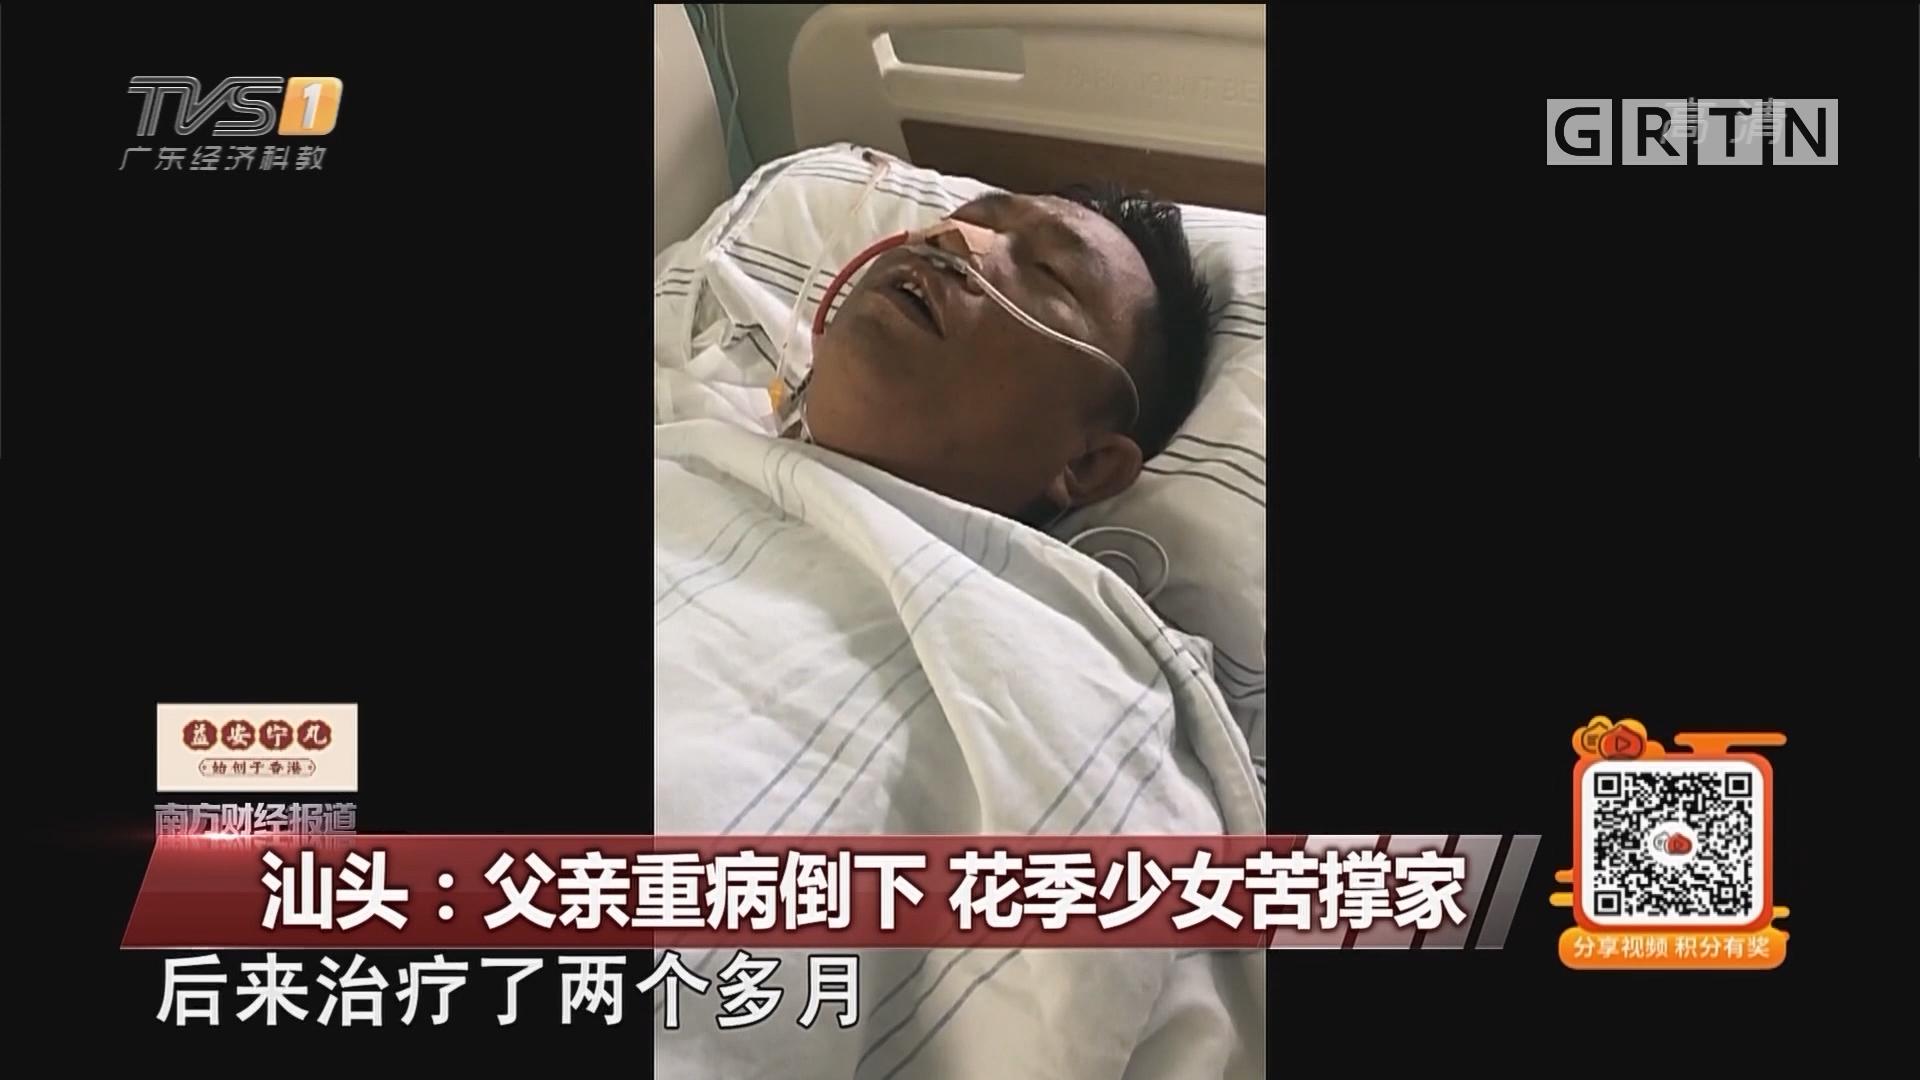 汕头:父亲重病倒下 花季少女苦撑家